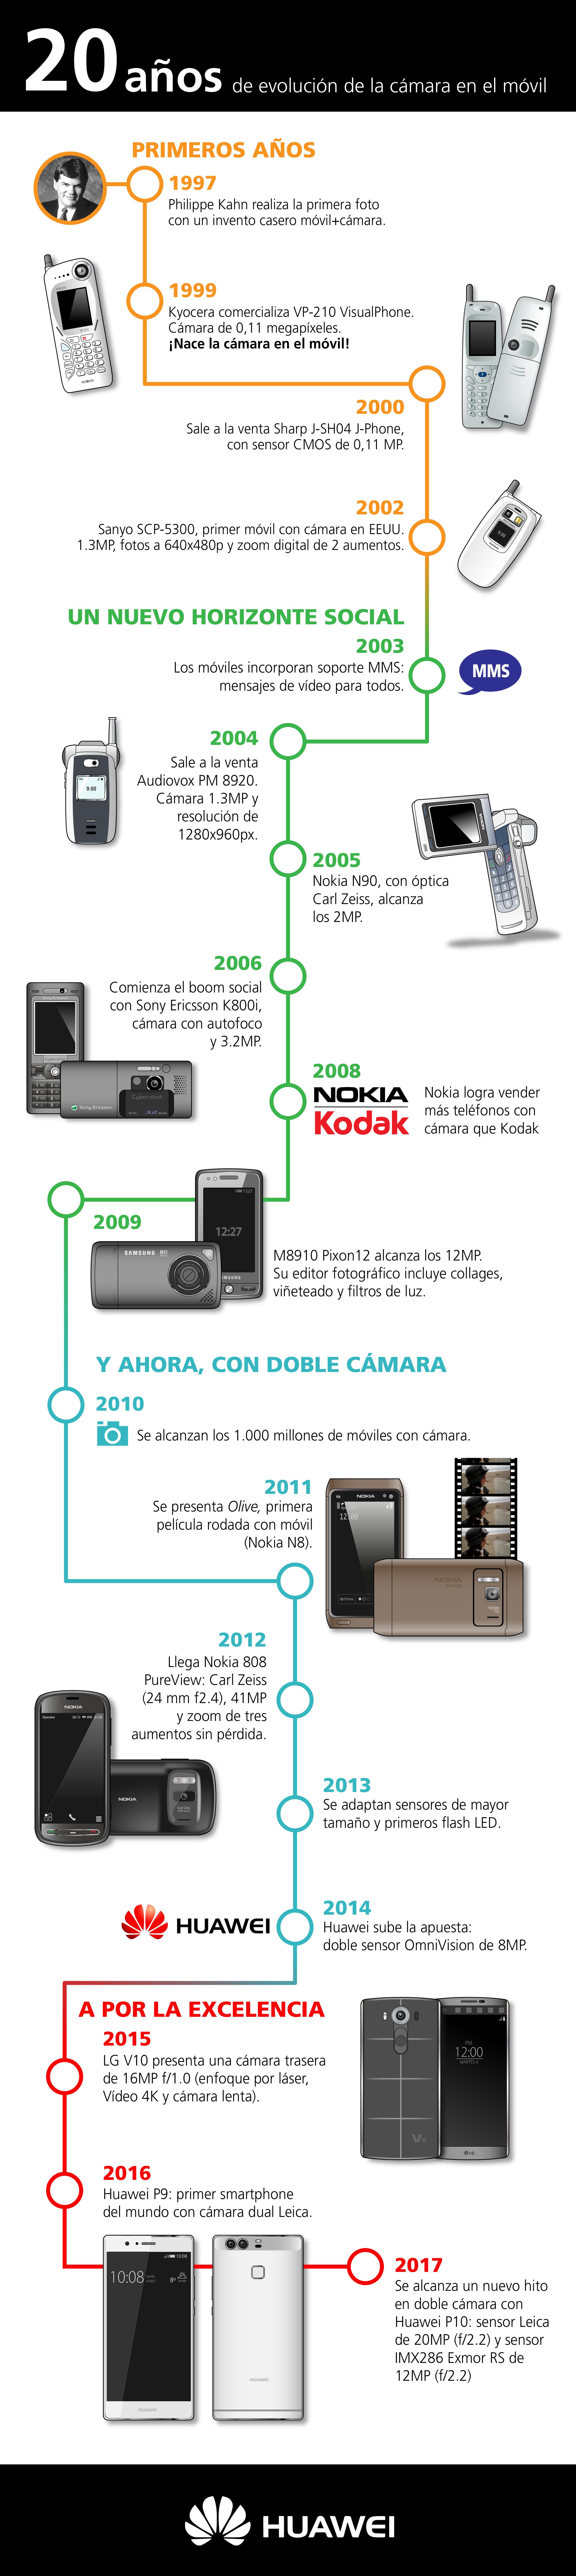 Infografía: 20 años de la cámara en el móvil